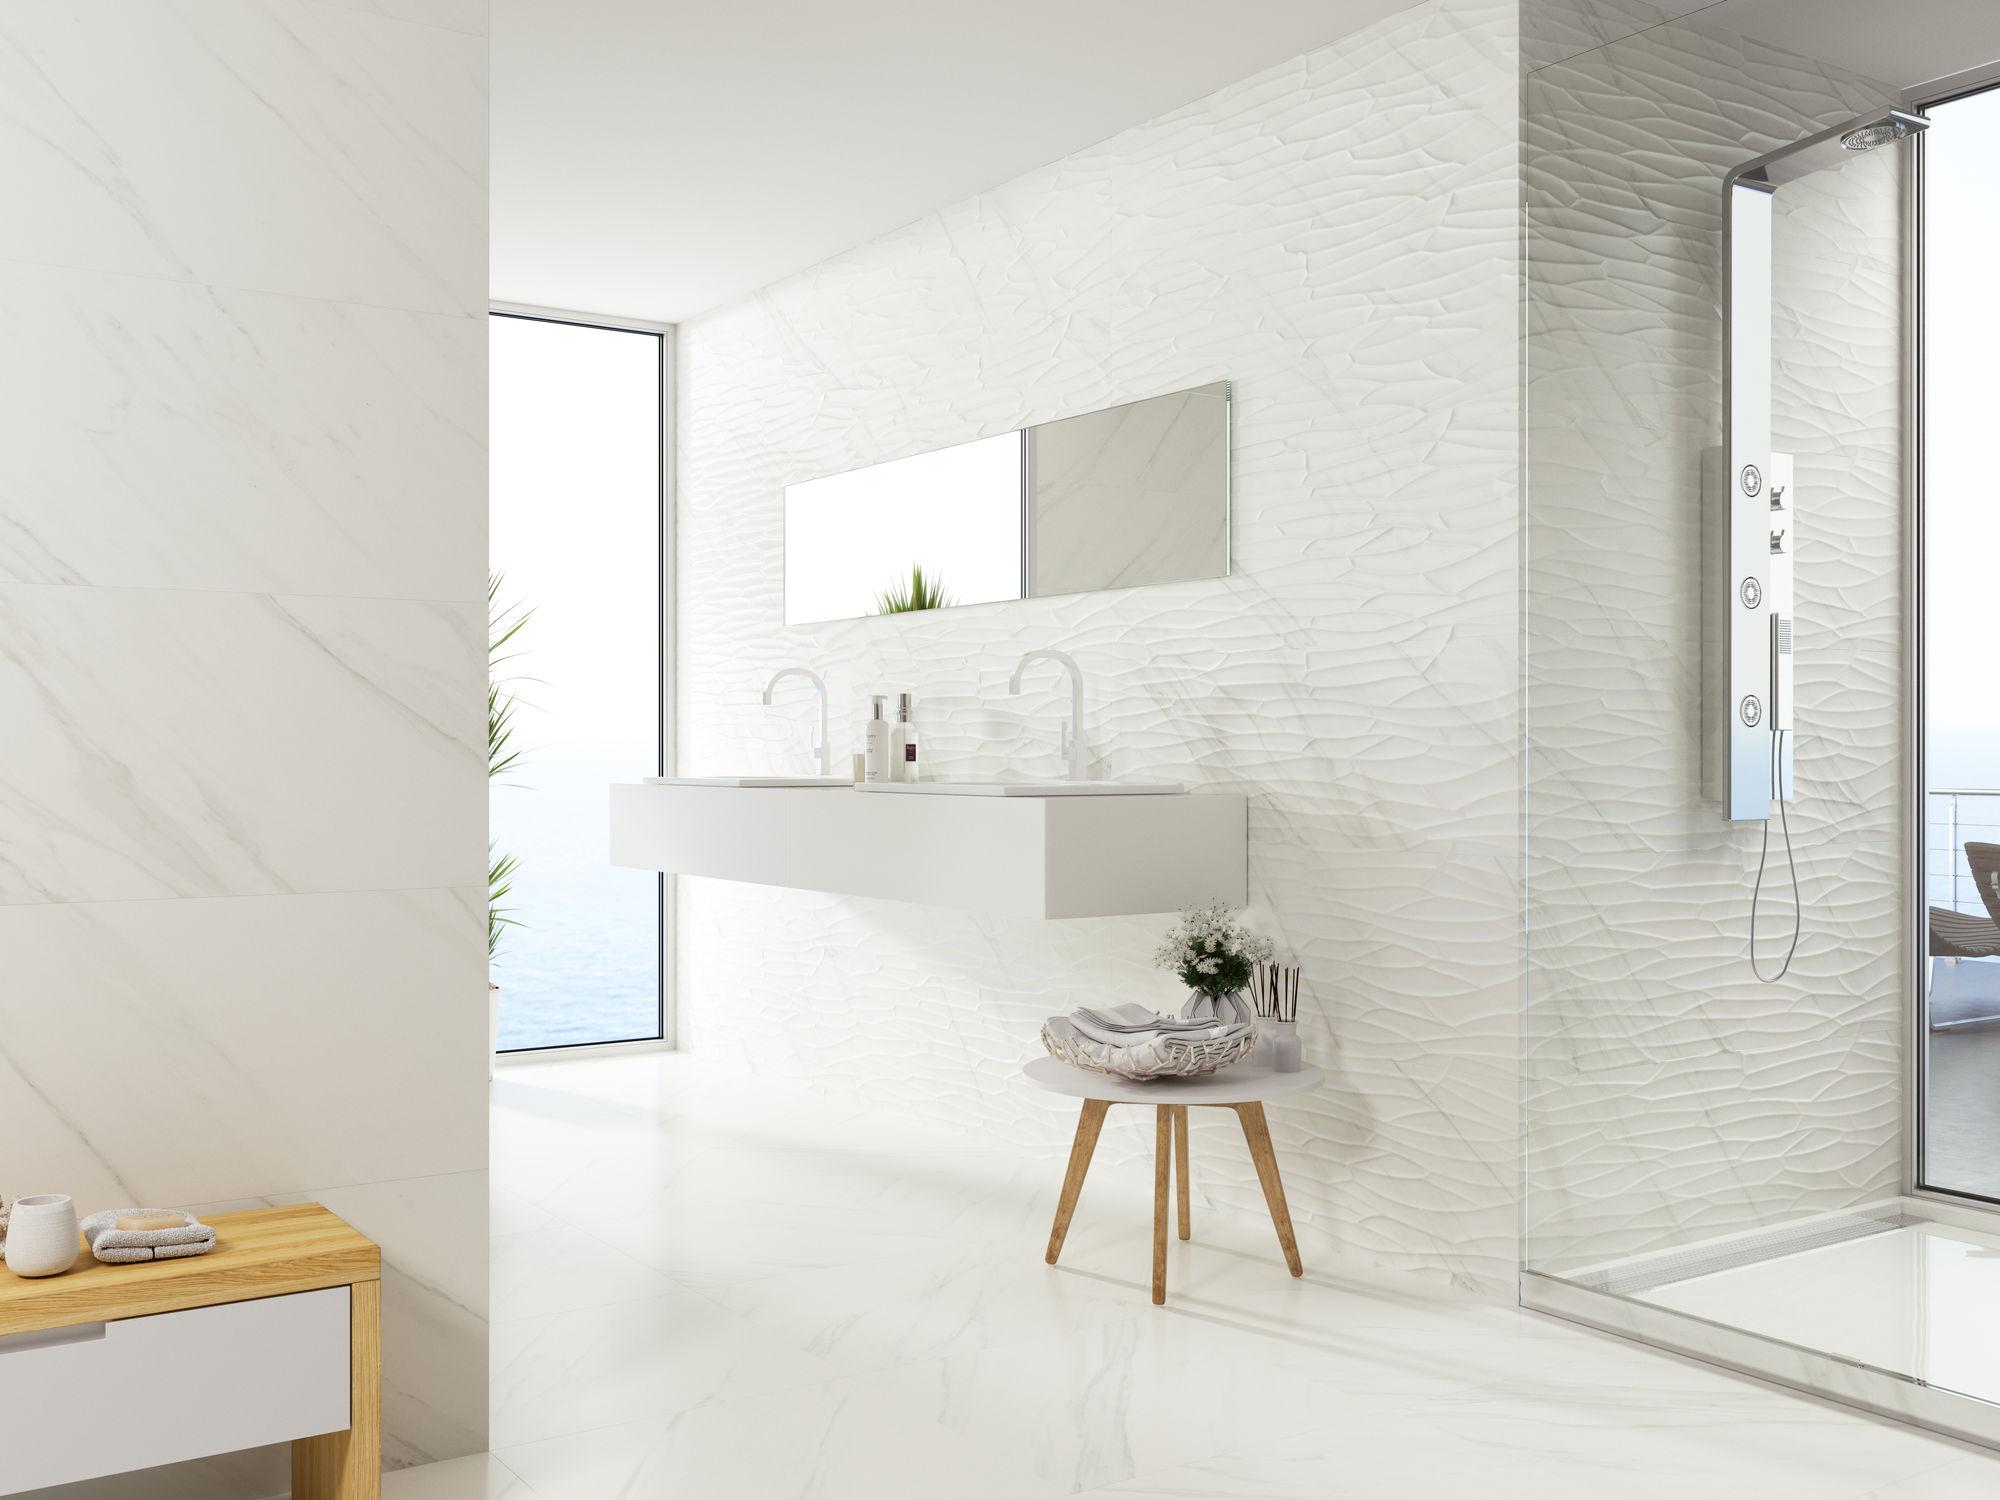 Jasna łazienka z kabiną prysznicową, białą półką wiszącą, dwiema umywalkami i podłużnym lustrem, niskim taboretem oraz płytkami dekoracyjnymi i imitującymi marmur